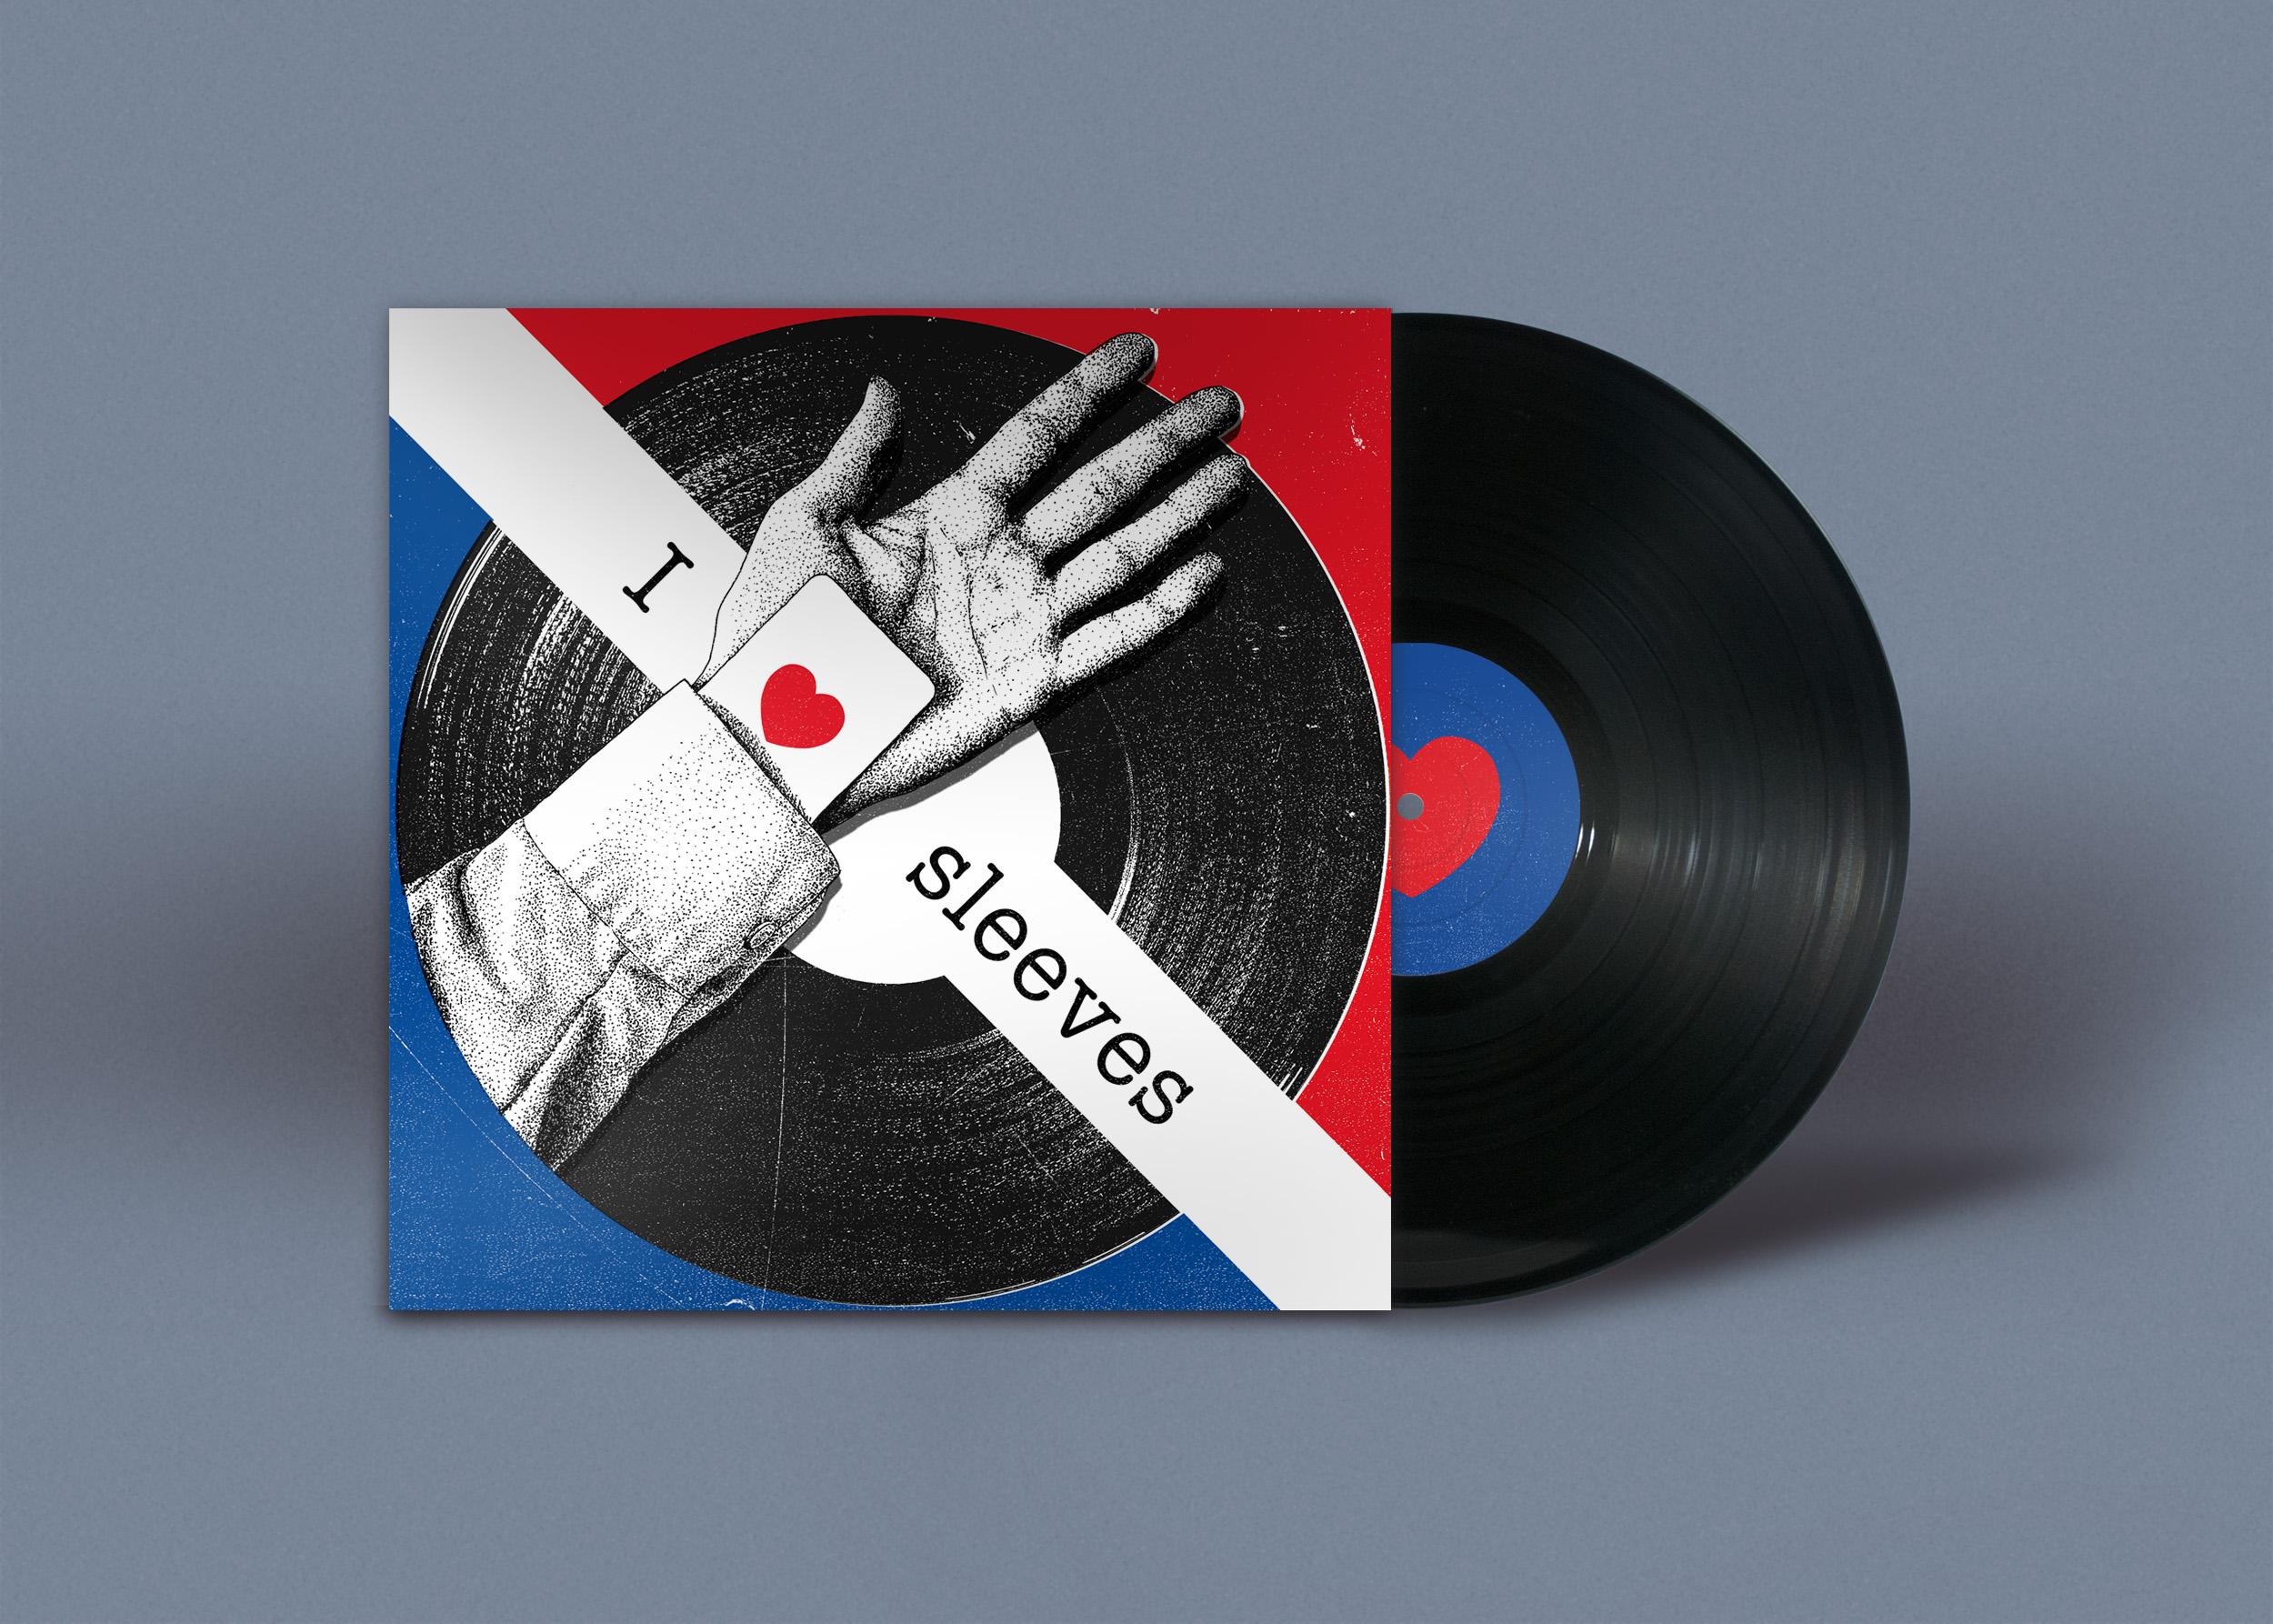 Vinyl Inspired Illustration Featured on Redbubble